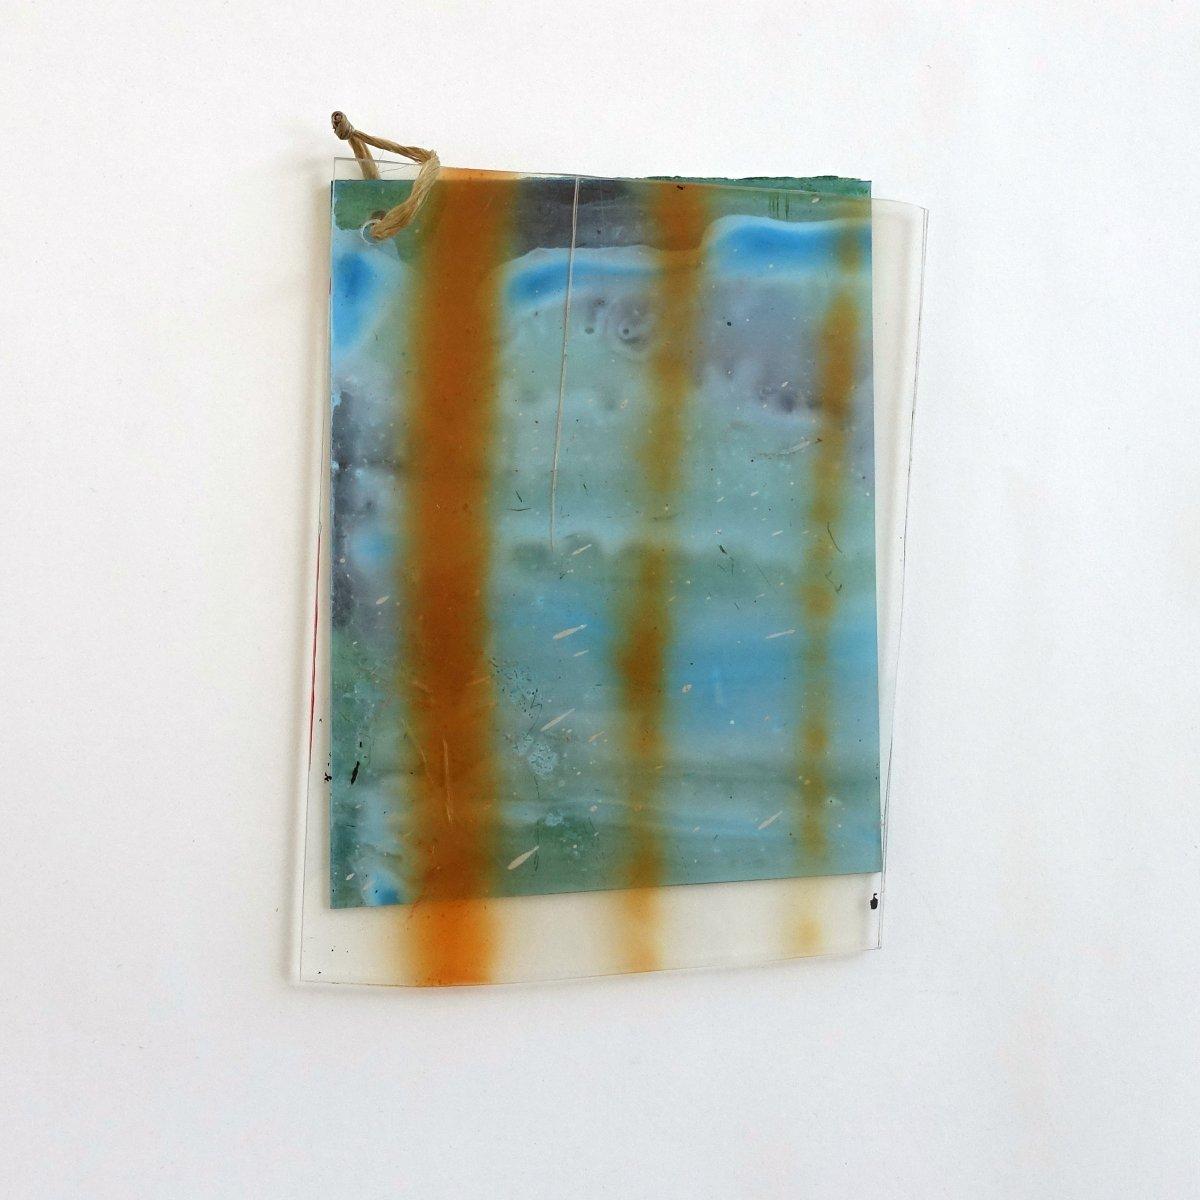 #1 Giel Louws, object kunststof en acrylverf, 18 x 13 cm